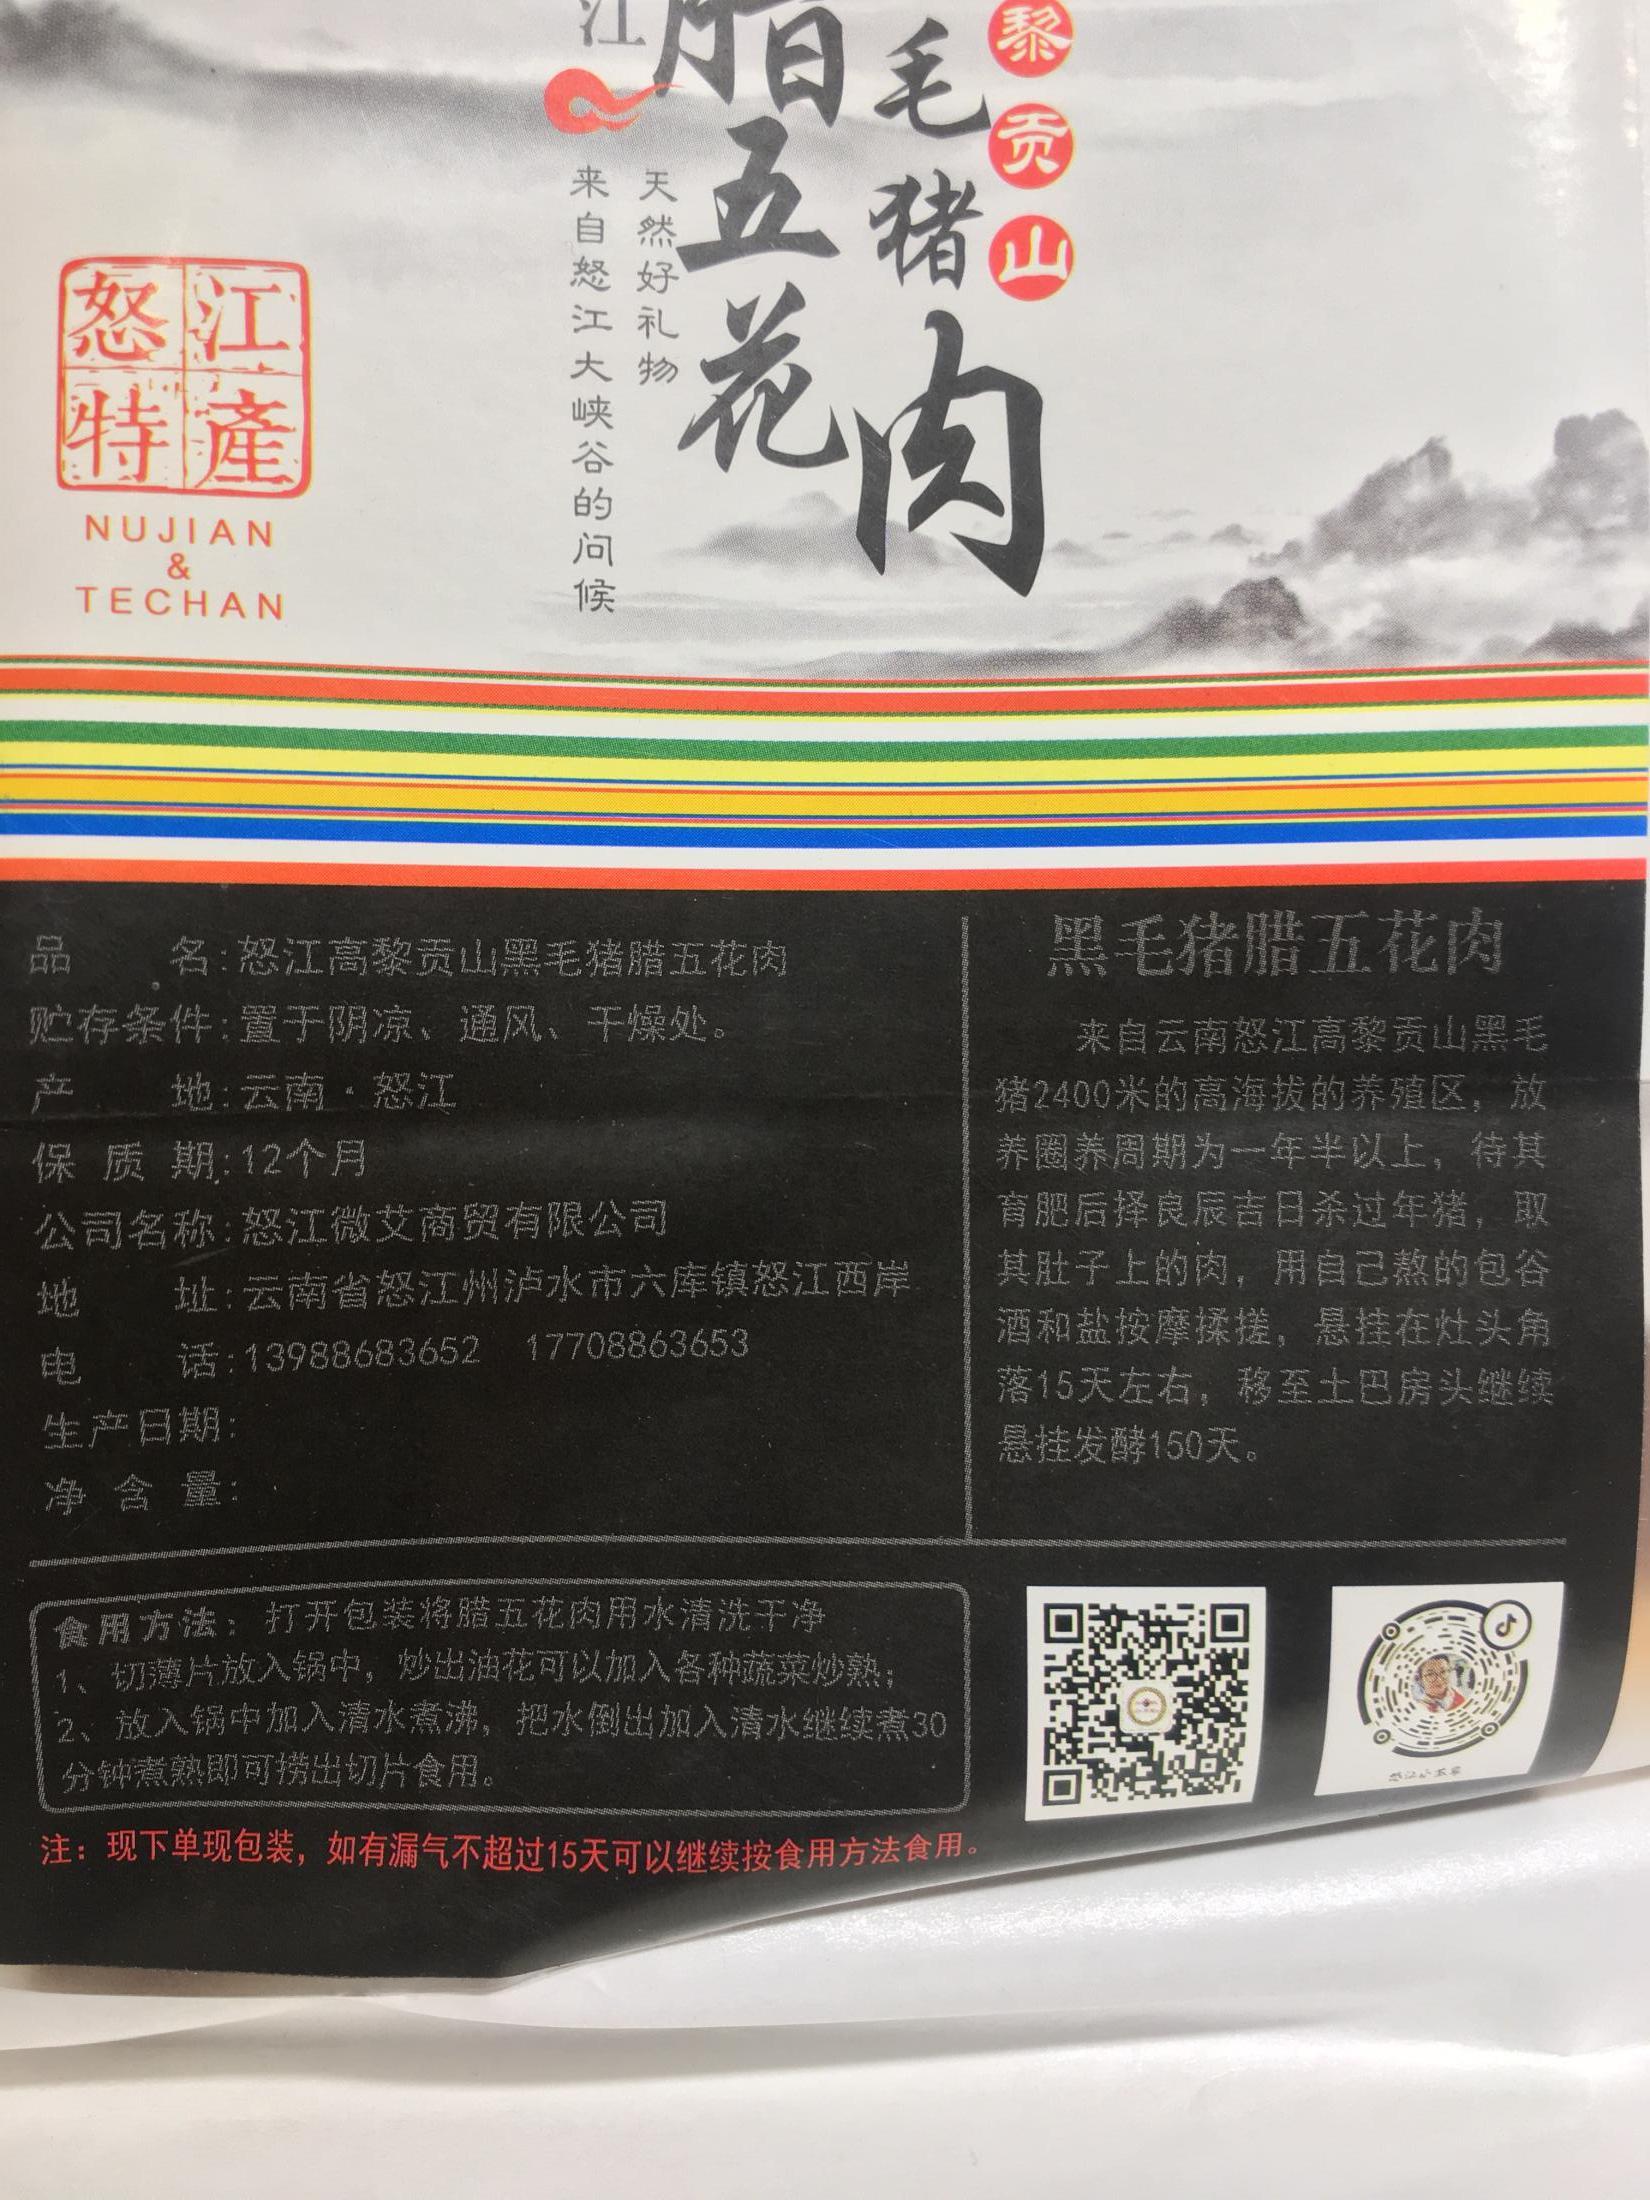 怒江那撒小苏家腊五花肉详情2.jpg